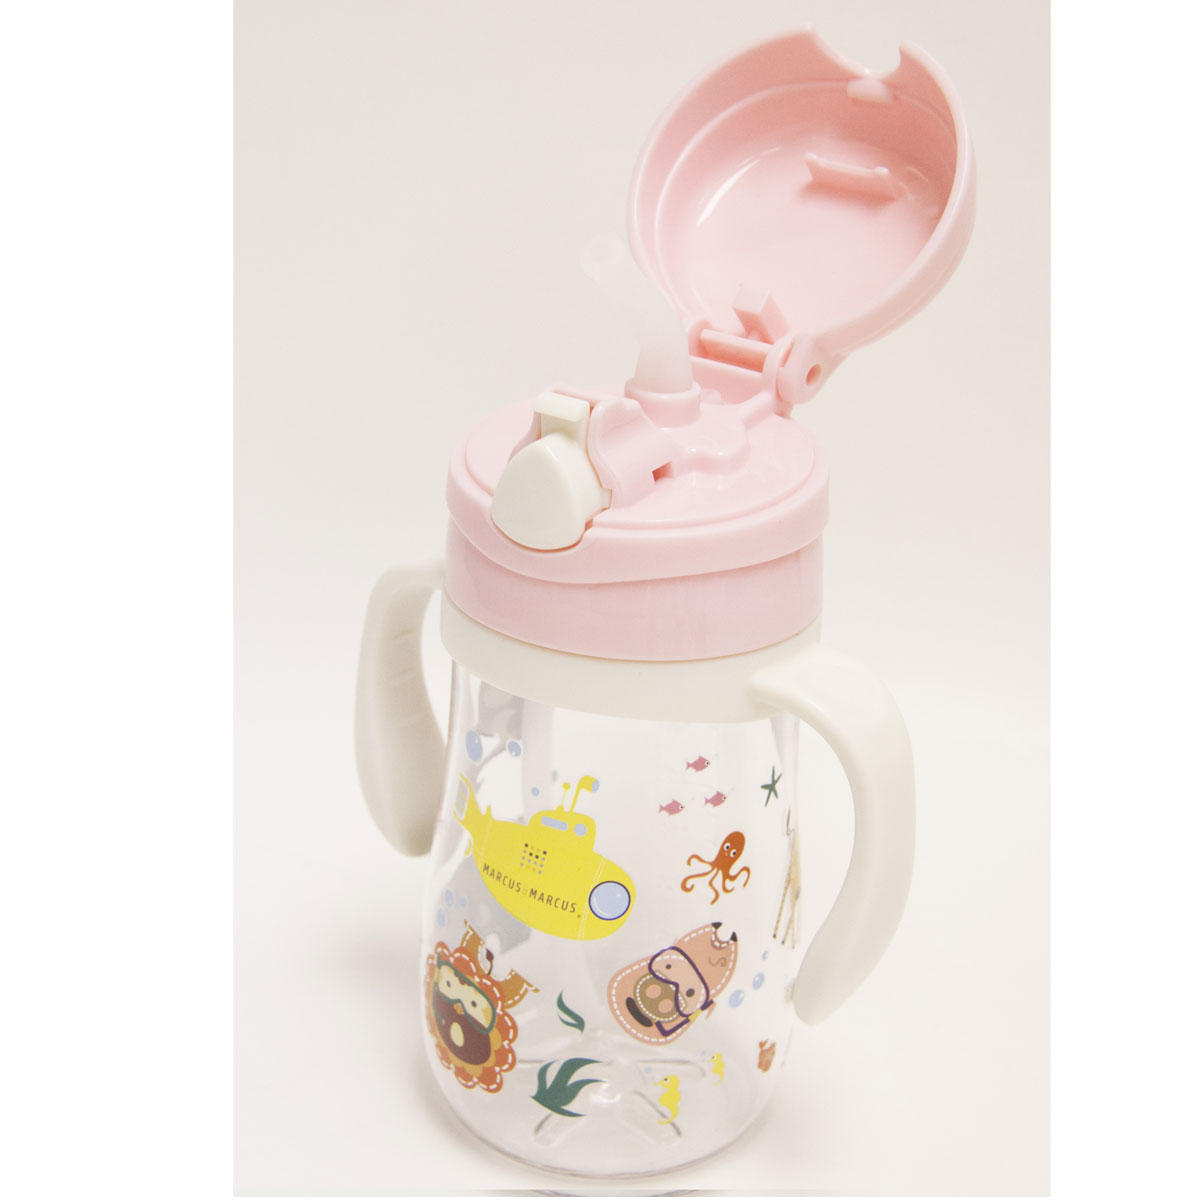 Παγούρι με καλαμάκι σιλικόνης pig marcus   marcus - Mommys Baby 66ed844801b